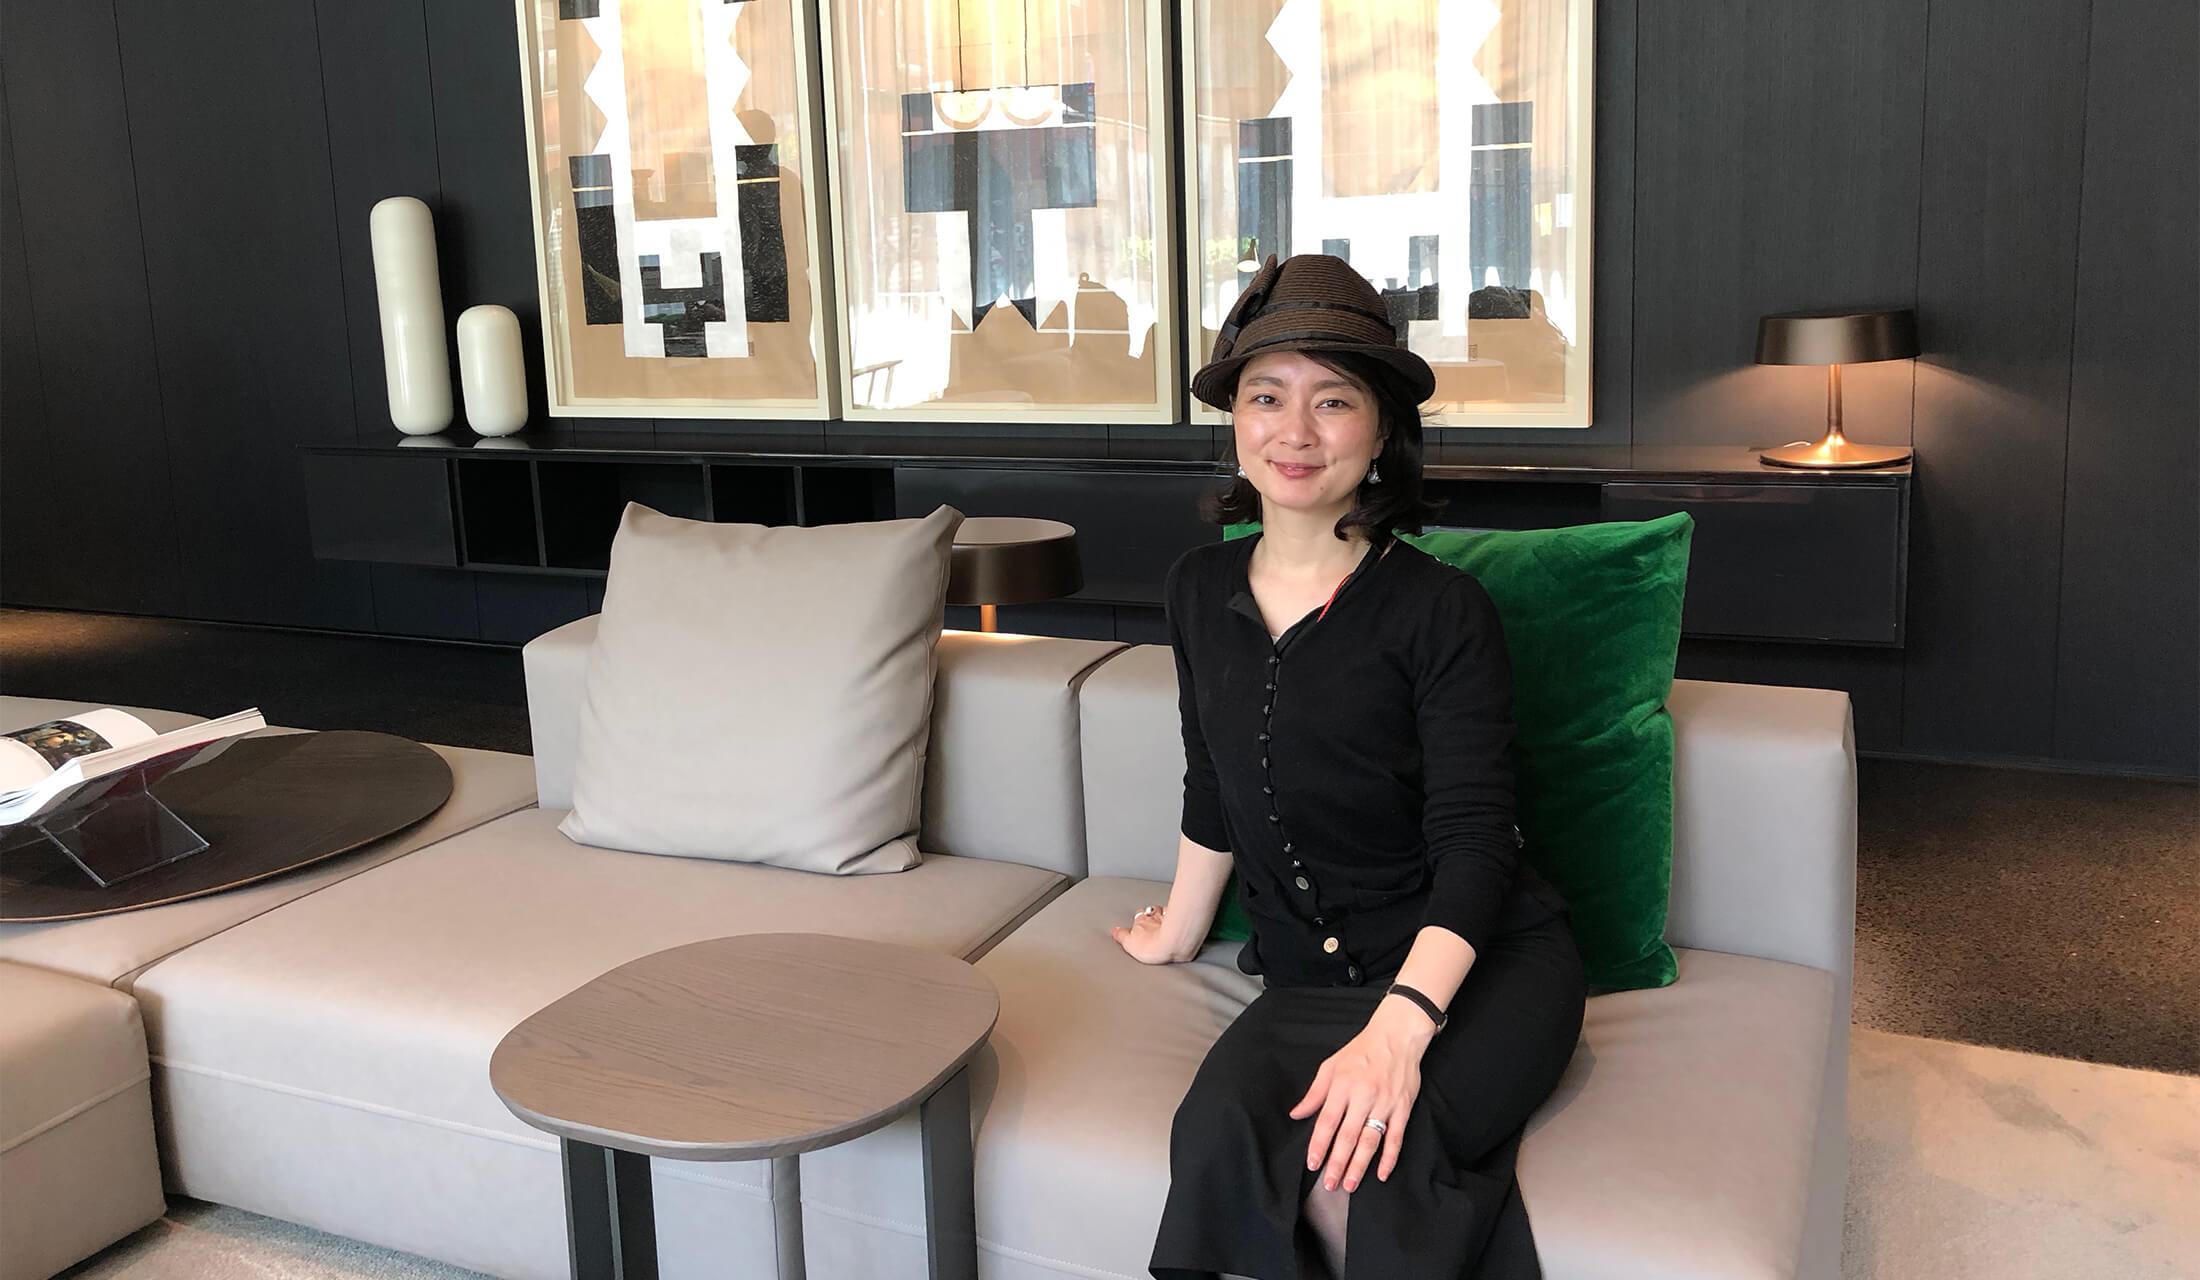 ホテルのソファーで記念撮影をする女性